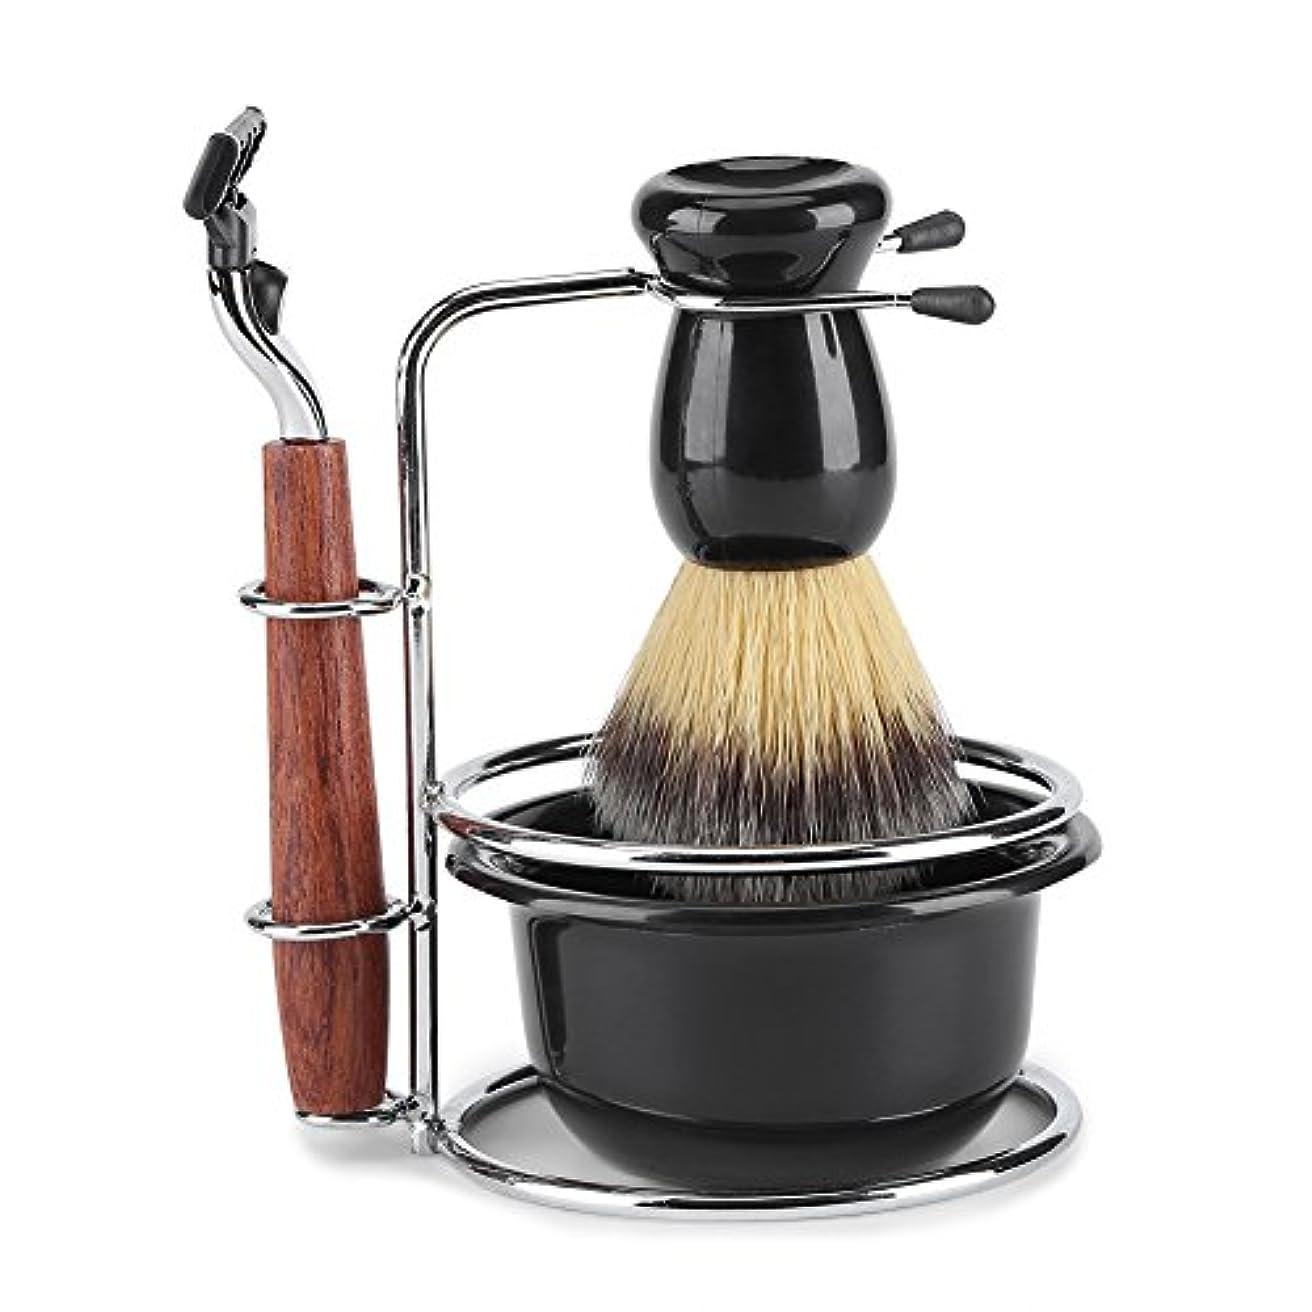 どこおしゃれな最もシェービングブラシセット 父の日プレゼント ひげブラシ シェービングブラシ プラシスタンド 石鹸ボウル 理容 洗顔 髭剃り 泡立ち メンズ用 親父 ご主人 クリスマスプレゼント